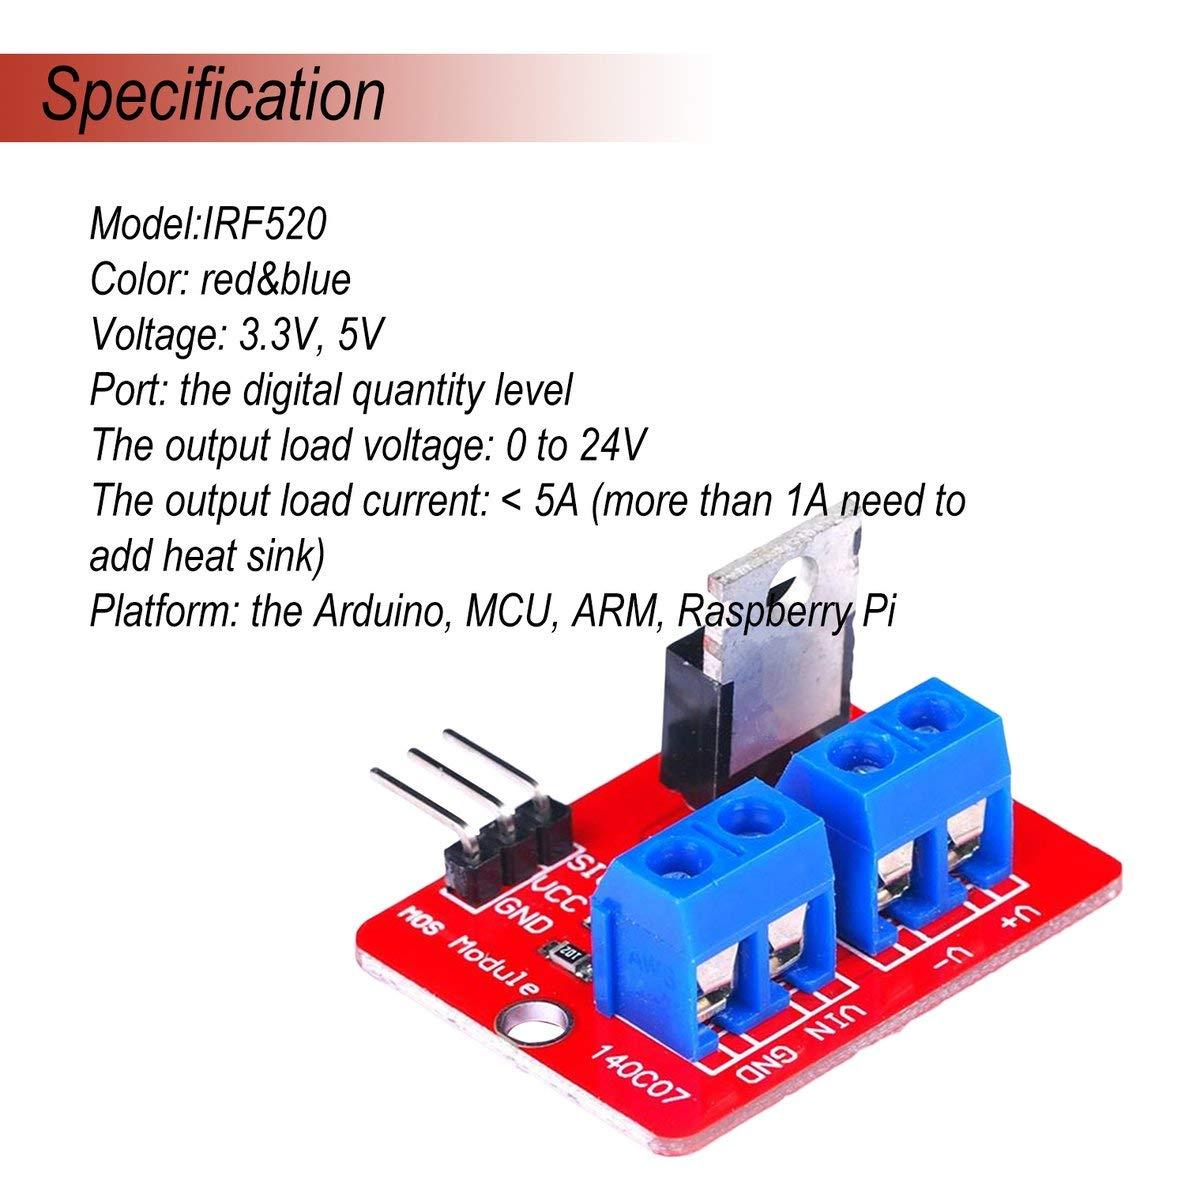 Noradtjcca 0-24 V Top Bouton Mosfet IRF520 MOS Pilote Module Module pour Arduino MCU Bras Raspberry Pi /Électronique Outil De Bricolage Gradation LED